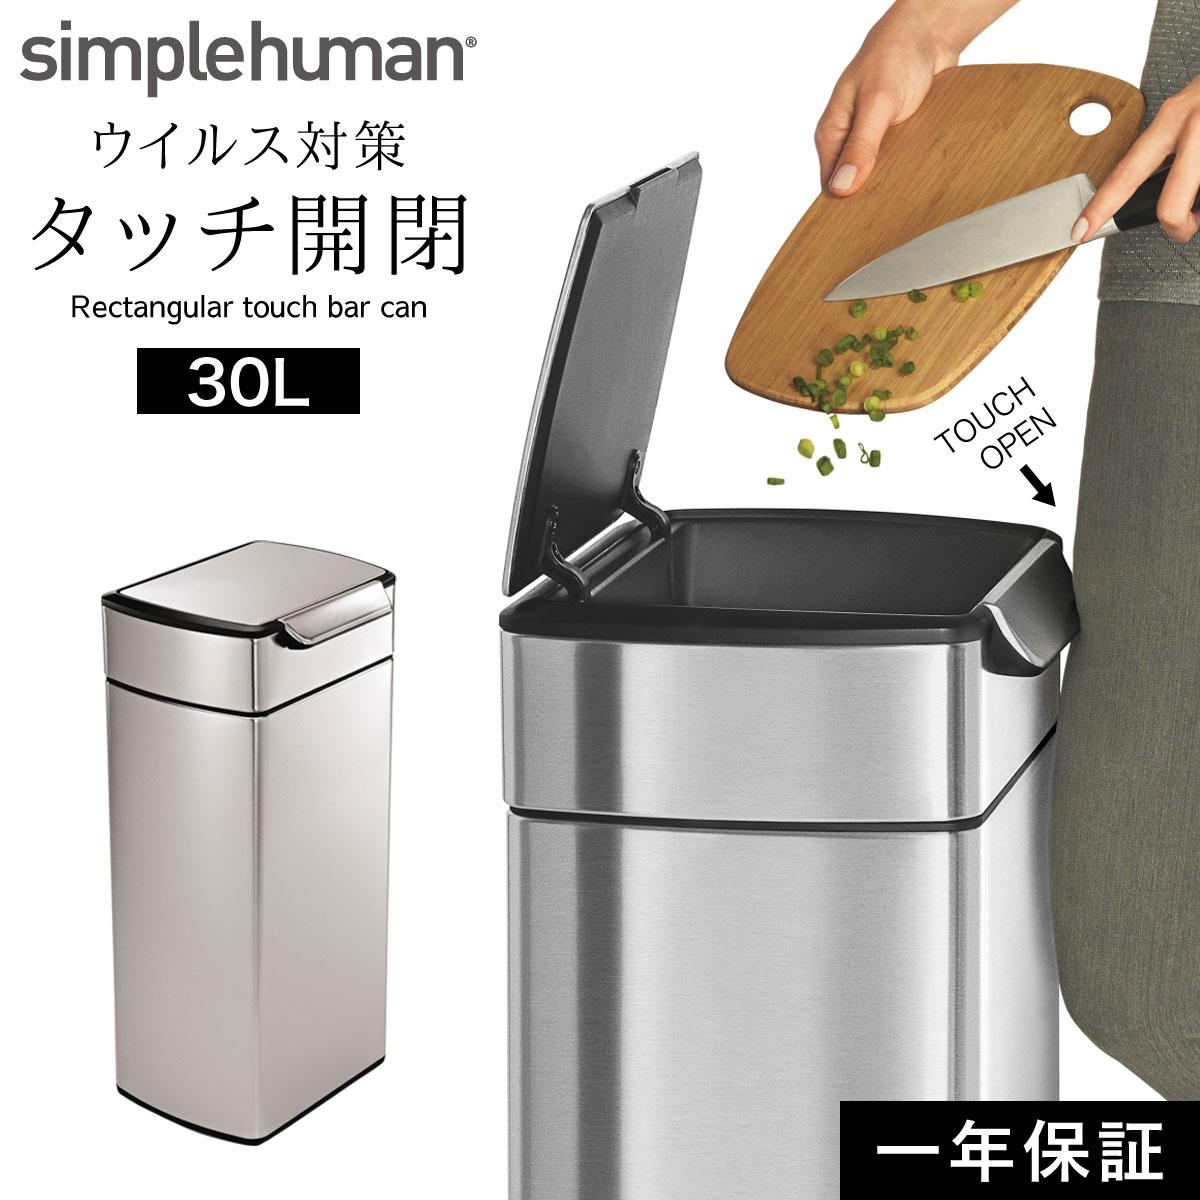 simplehuman ゴミ箱 ごみ箱 ふた付き おしゃれ ステンレス 30l シンプルヒューマン レクタンギュラータッチバーカン 30L 00130 返品不可 代引不可 メーカー直送